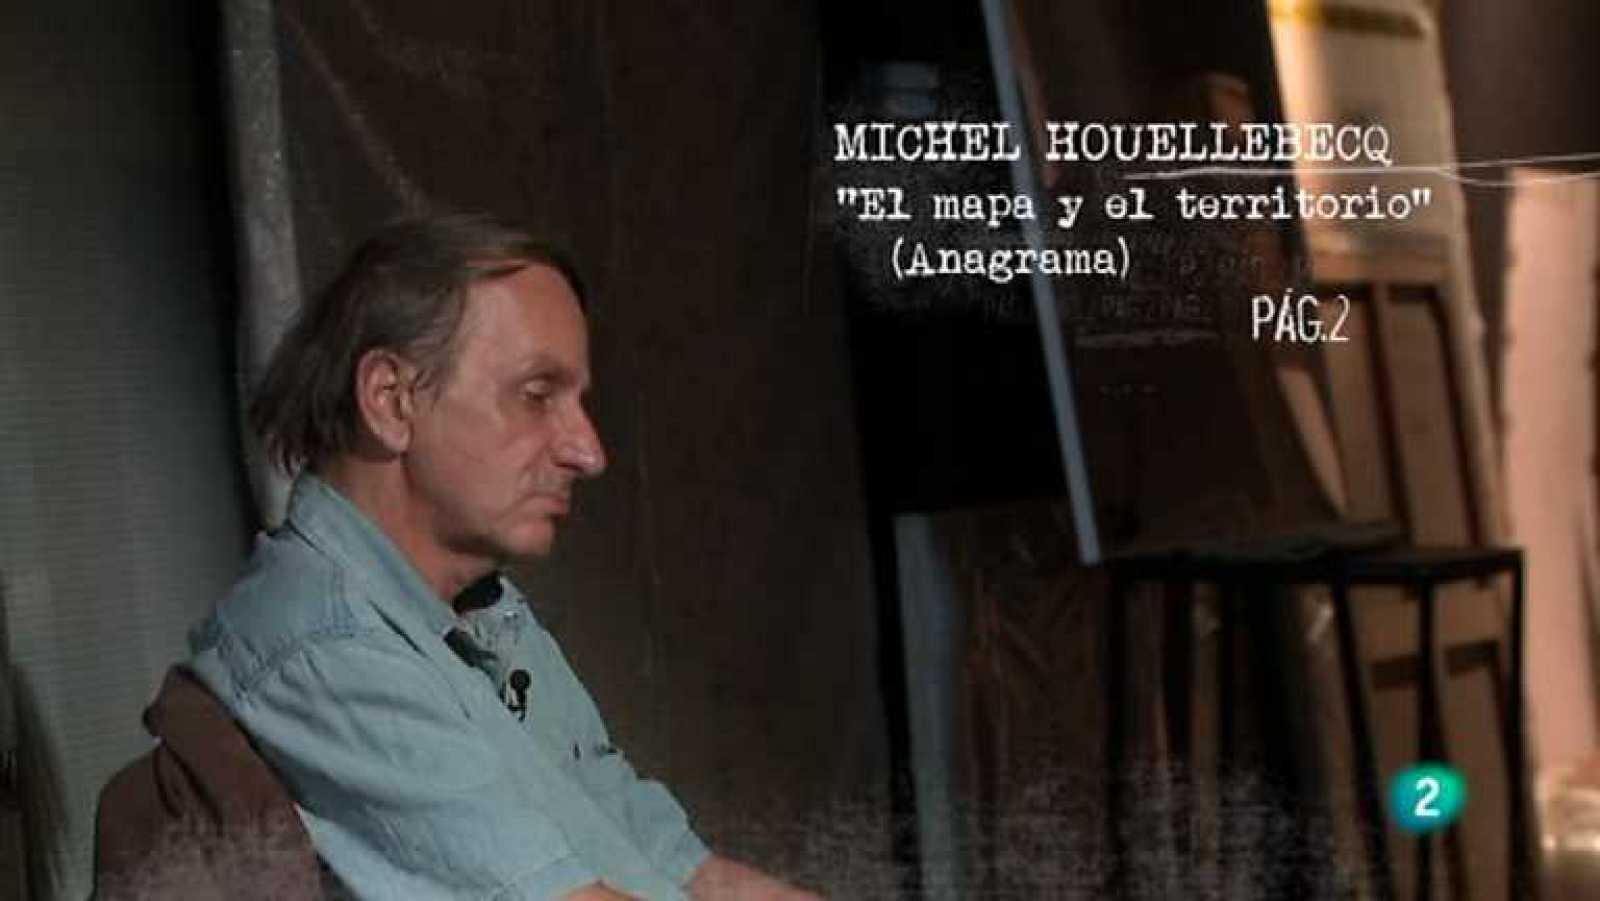 Página 2 - Michel Houellebecq - ver ahora